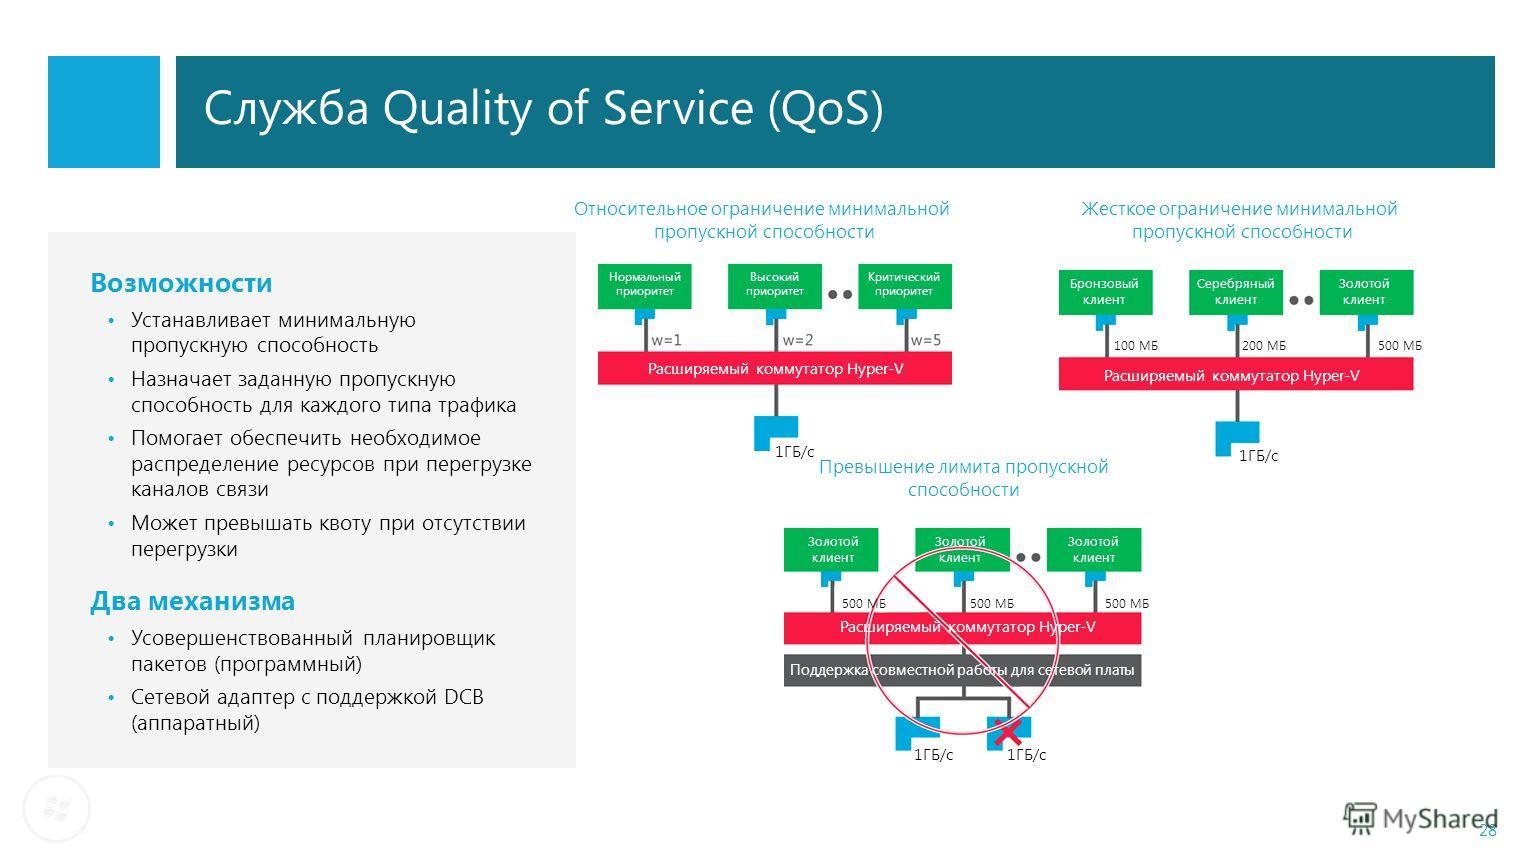 Служба Quality of Service (QoS) 28 Относительное ограничение минимальной пропускной способности Жесткое ограничение минимальной пропускной способности Превышение лимита пропускной способности Возможности Устанавливает минимальную пропускную способнос